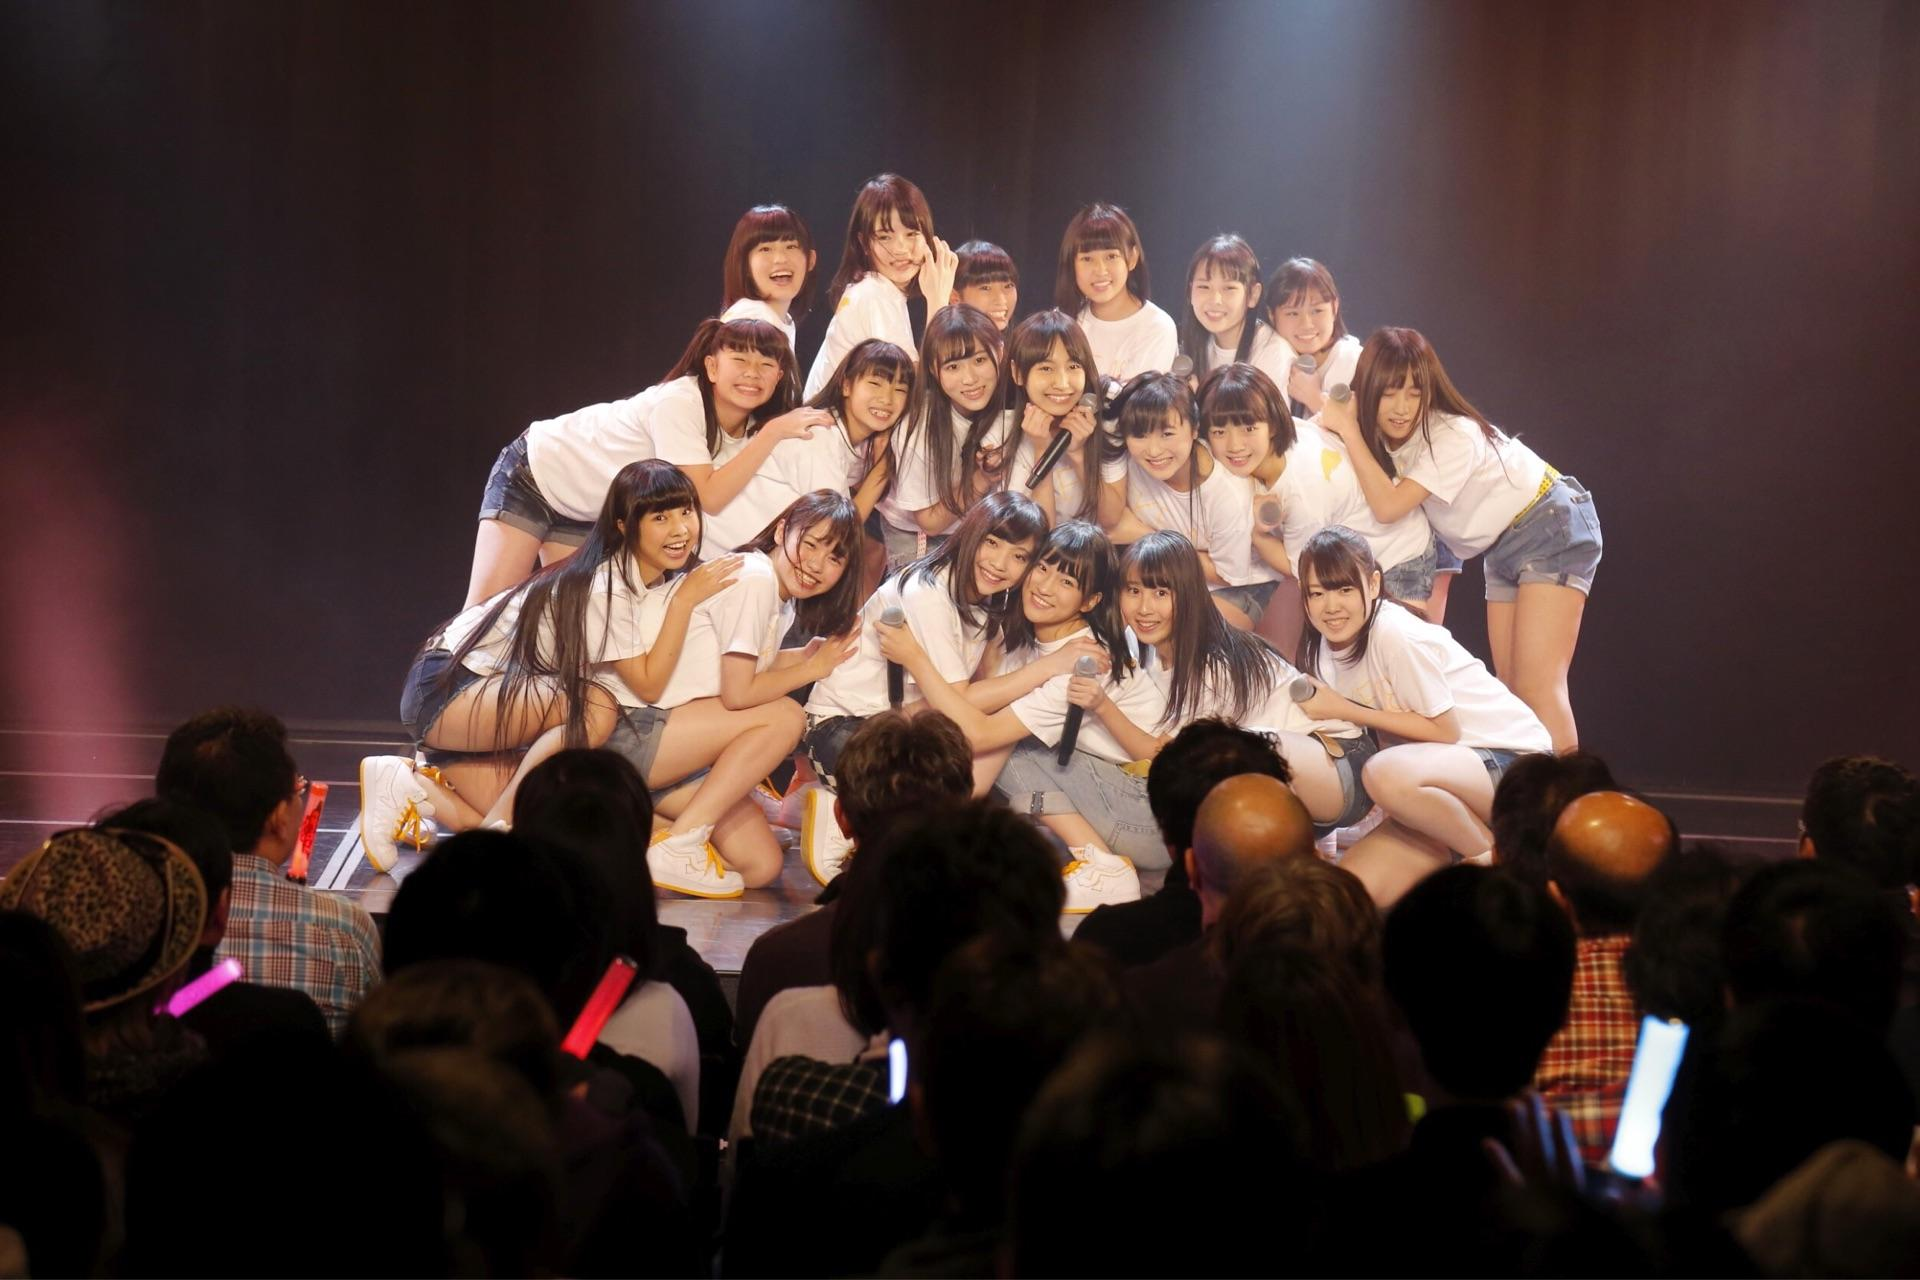 【SKE48】仲村和泉応援スレ♪1【いずりん】©2ch.netYouTube動画>16本 ->画像>240枚